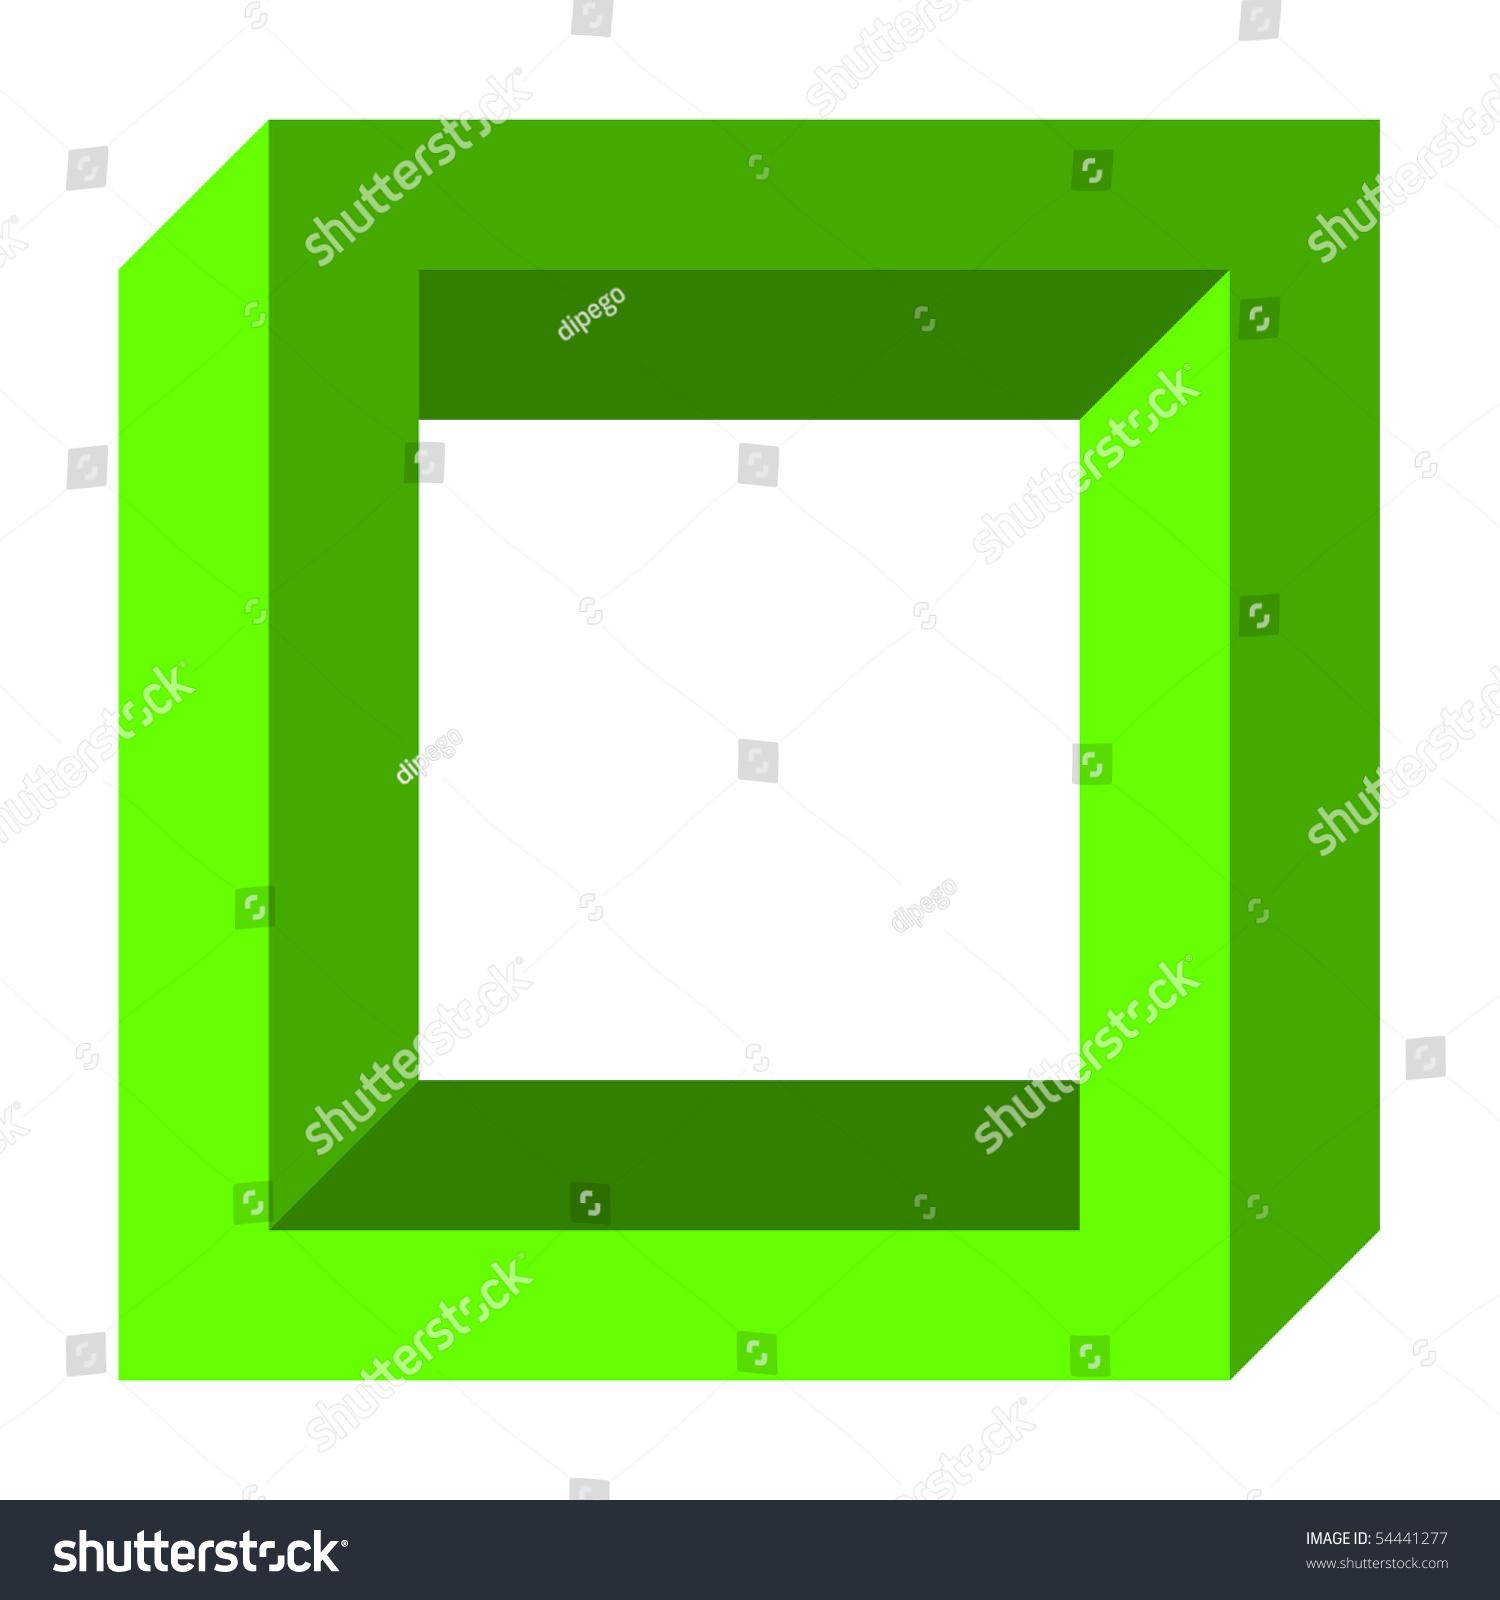 Optical Illusions Square Optical Illusio...